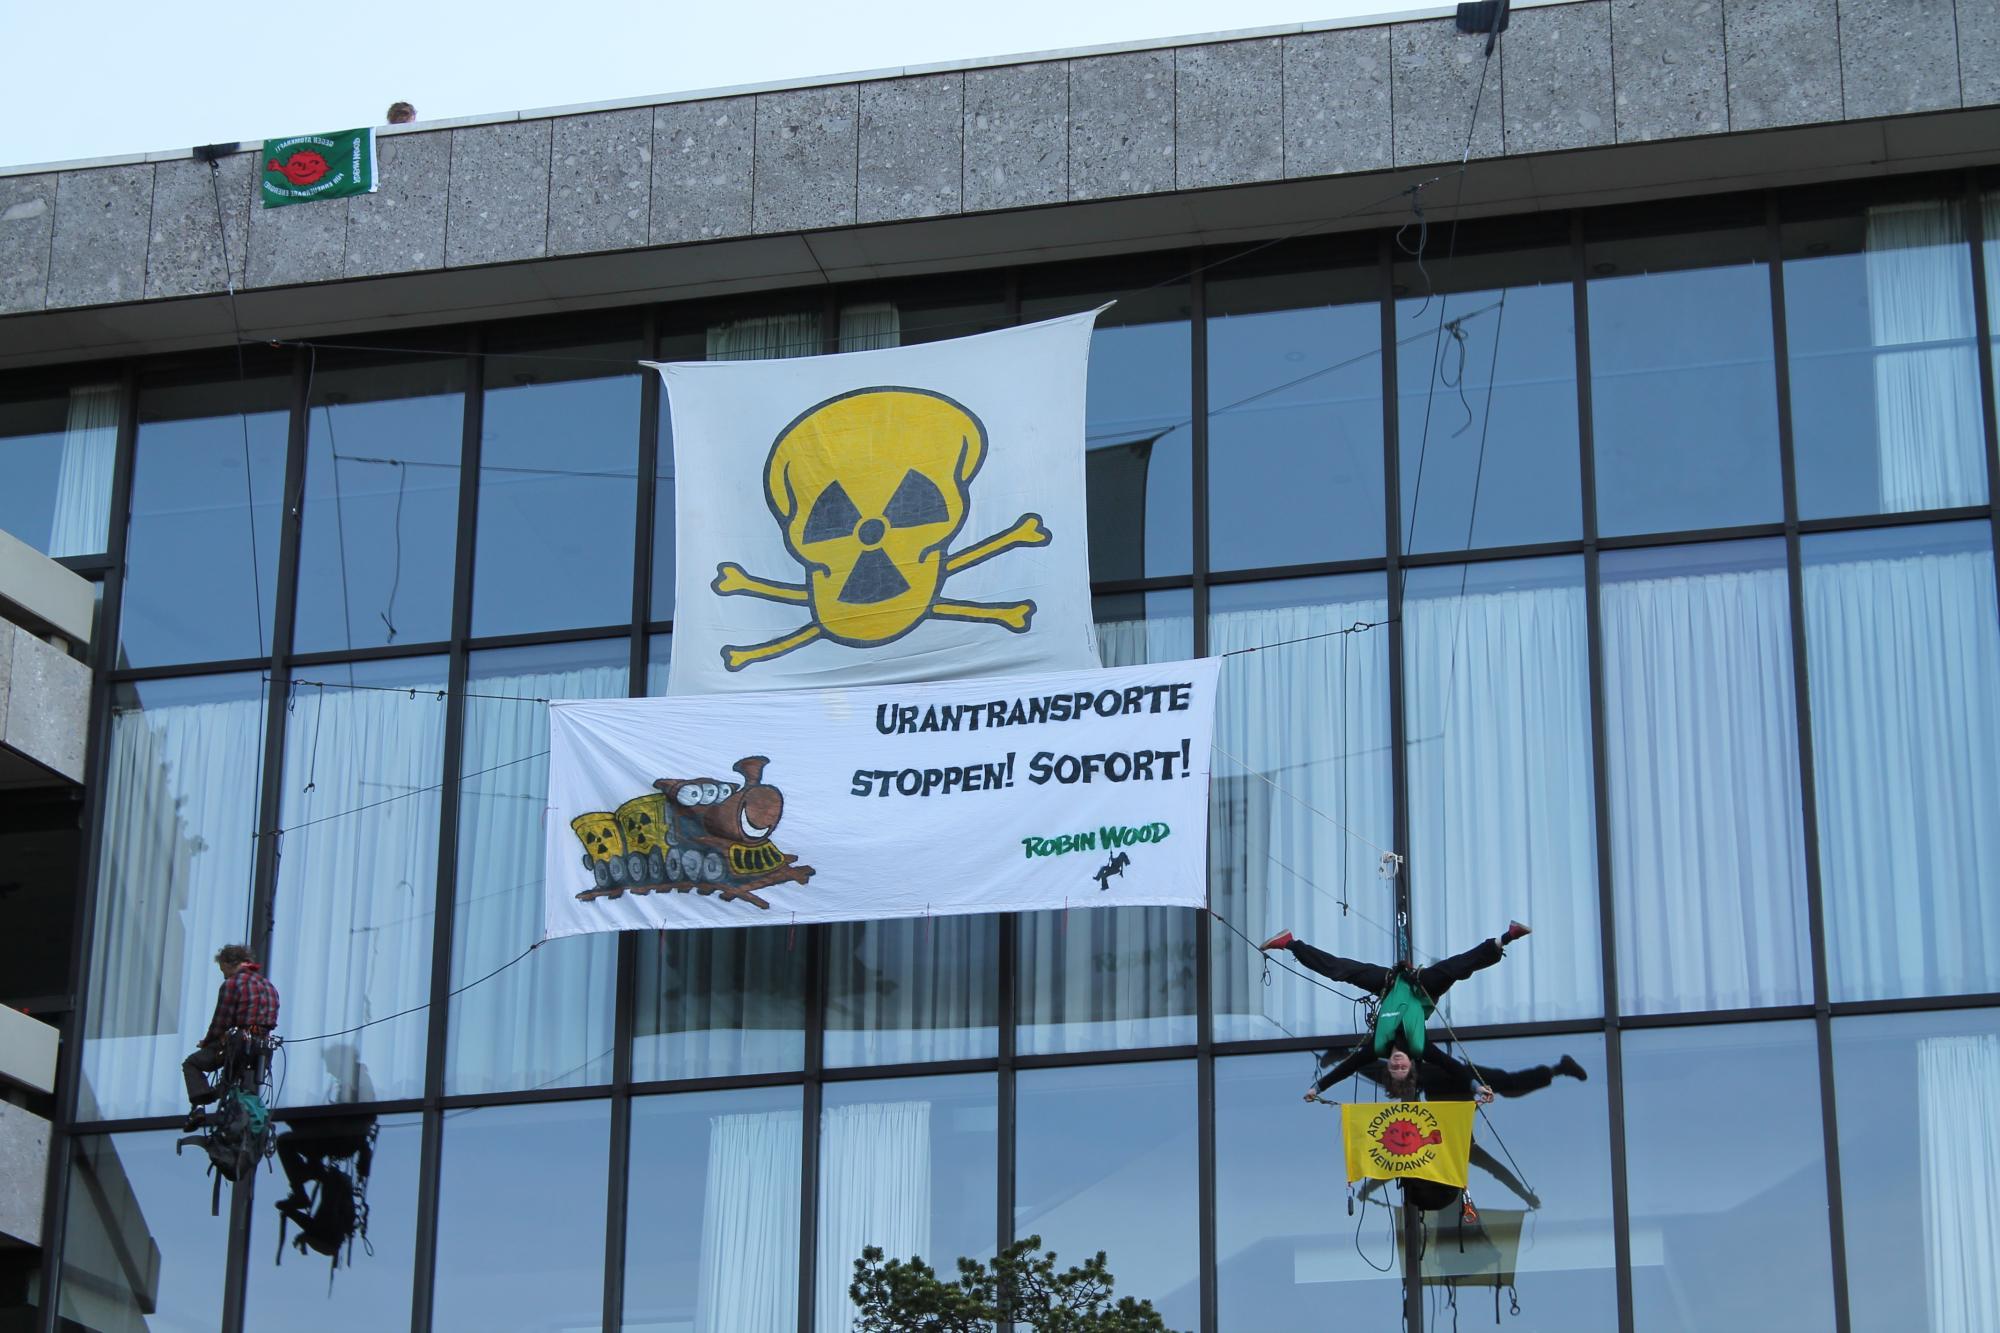 http://blog.eichhoernchen.fr/public/Bilder-Aktionen/Atomforum_2016/HH_Atomforum_3.jpg